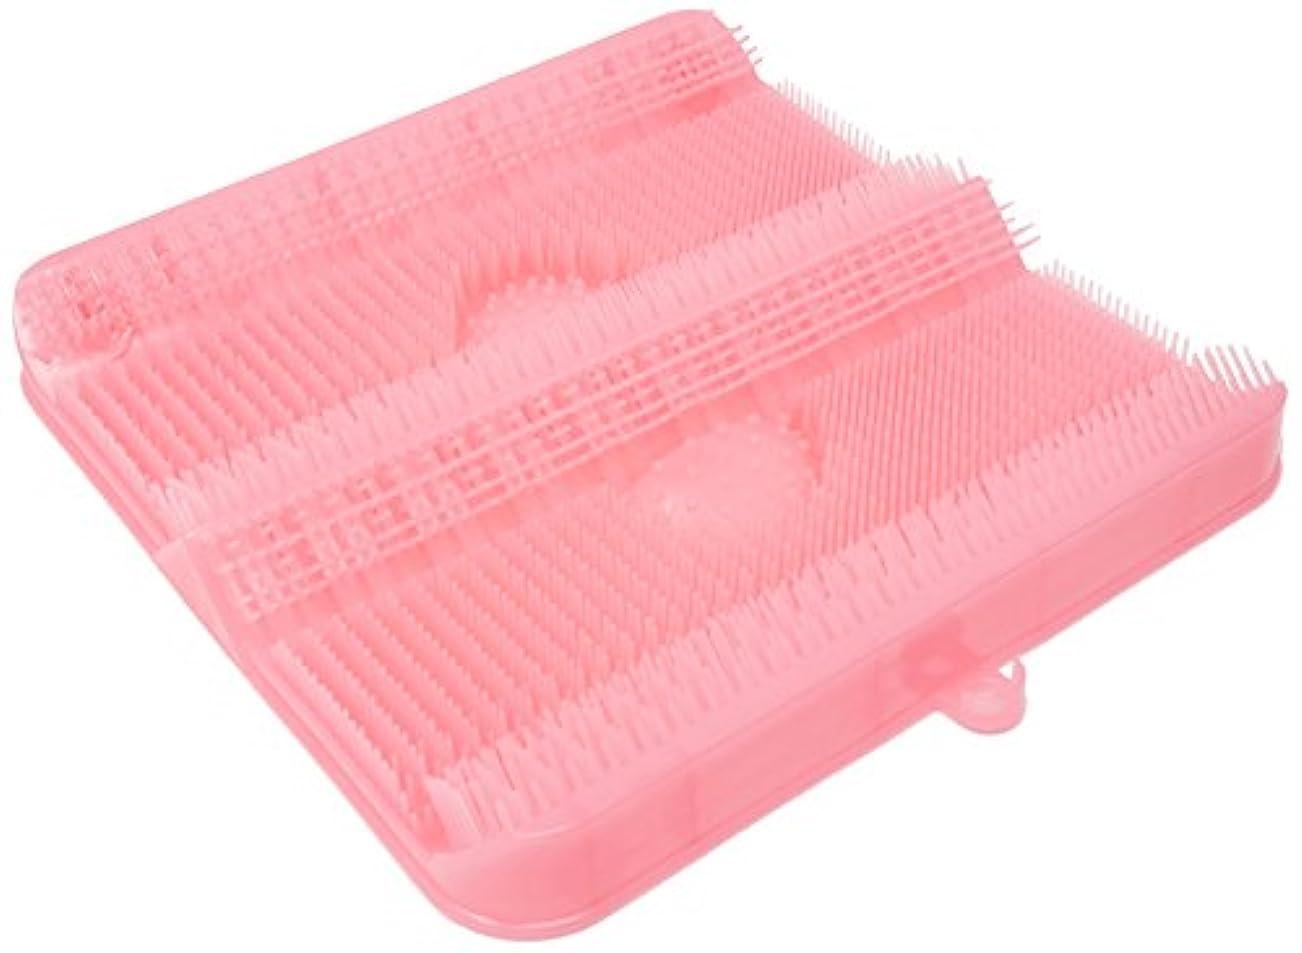 誘惑するラップ三ごしごし洗える!足洗いマット お風呂でスッキリ 足裏洗ったことありますか? HB-2814?ピンク